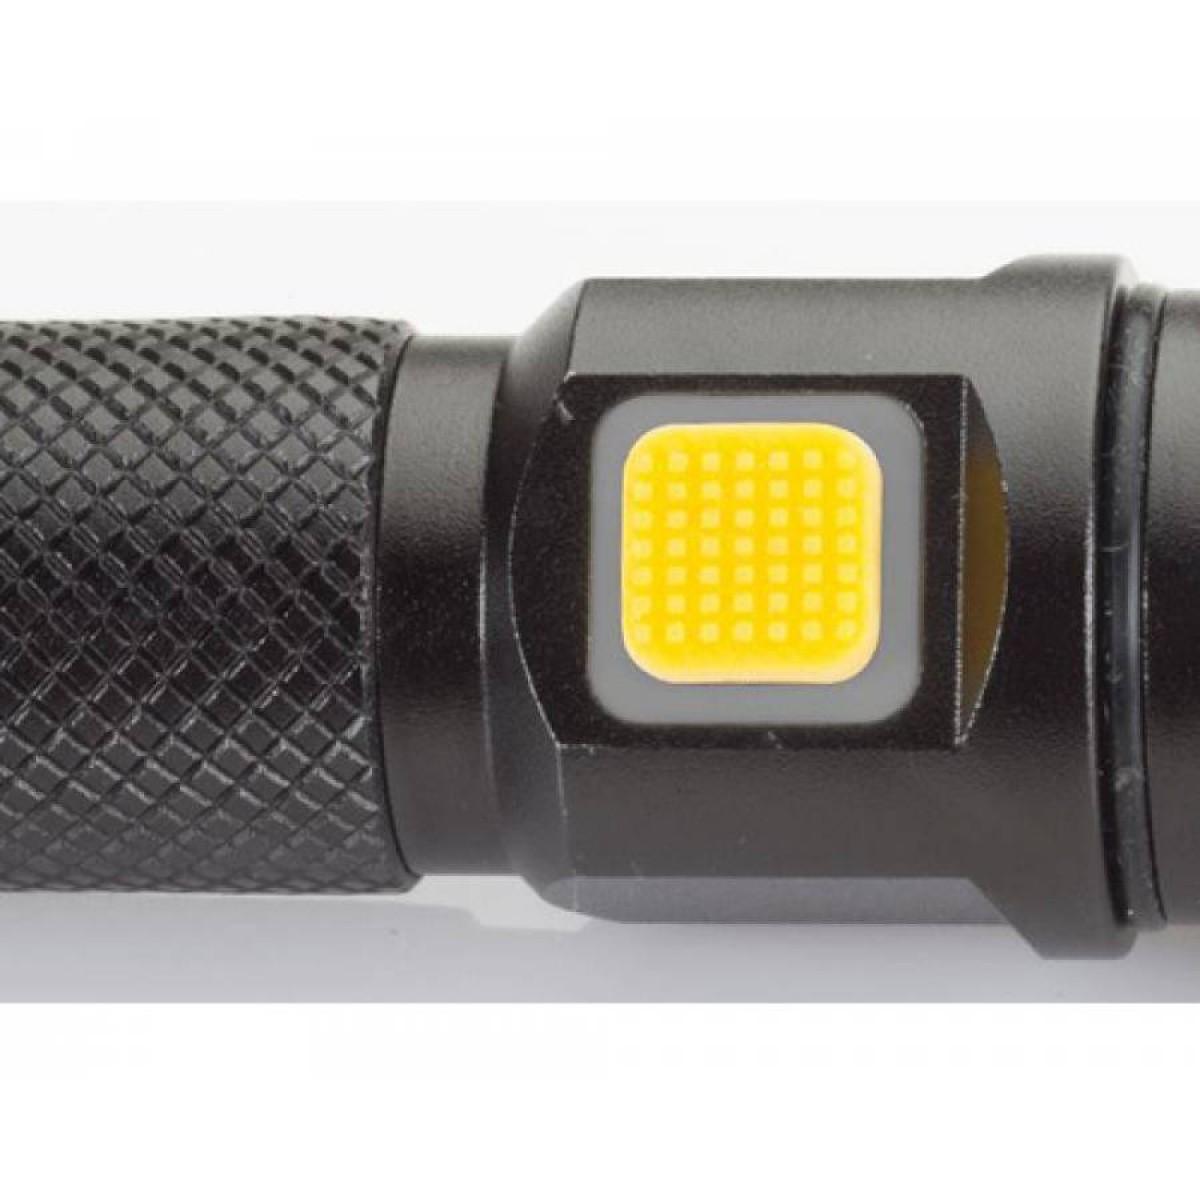 Φακός αλουμινίου με εστίαση δέσμης CREE LED 220 Lumens CATERPILLAR CT2400